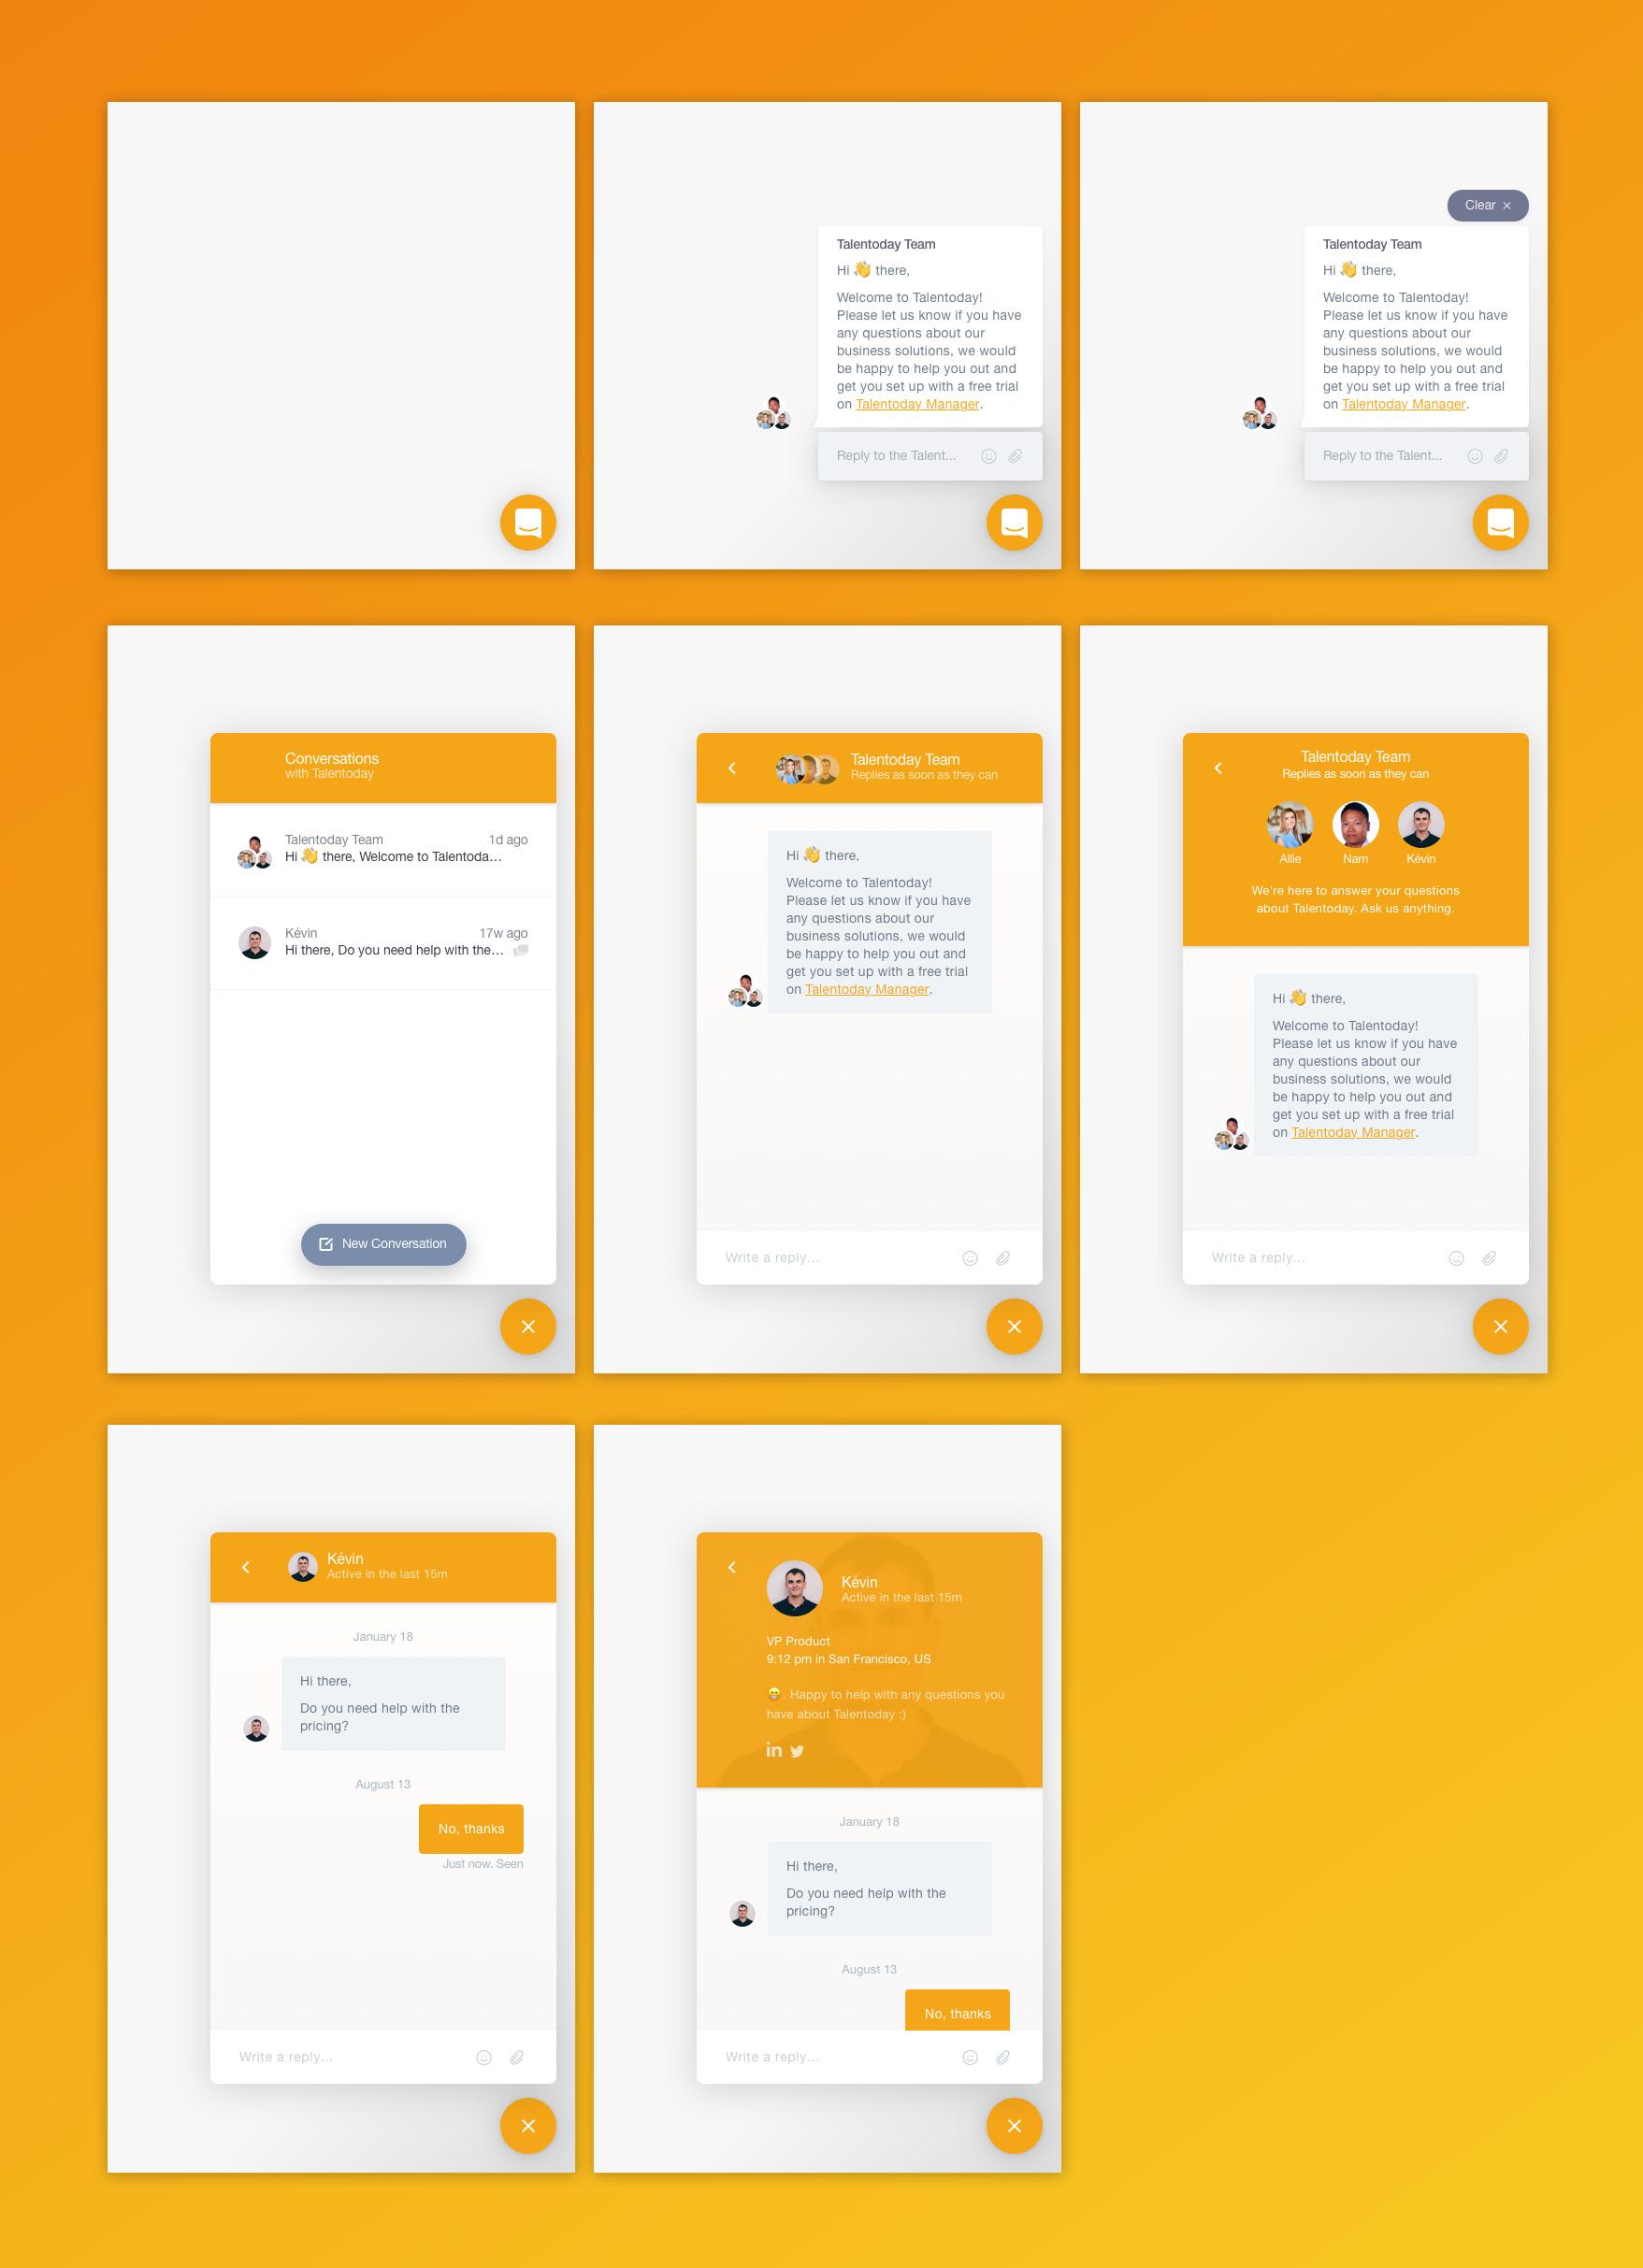 即时对讲聊天 Messenger UI界面设计 Sketch素材下载